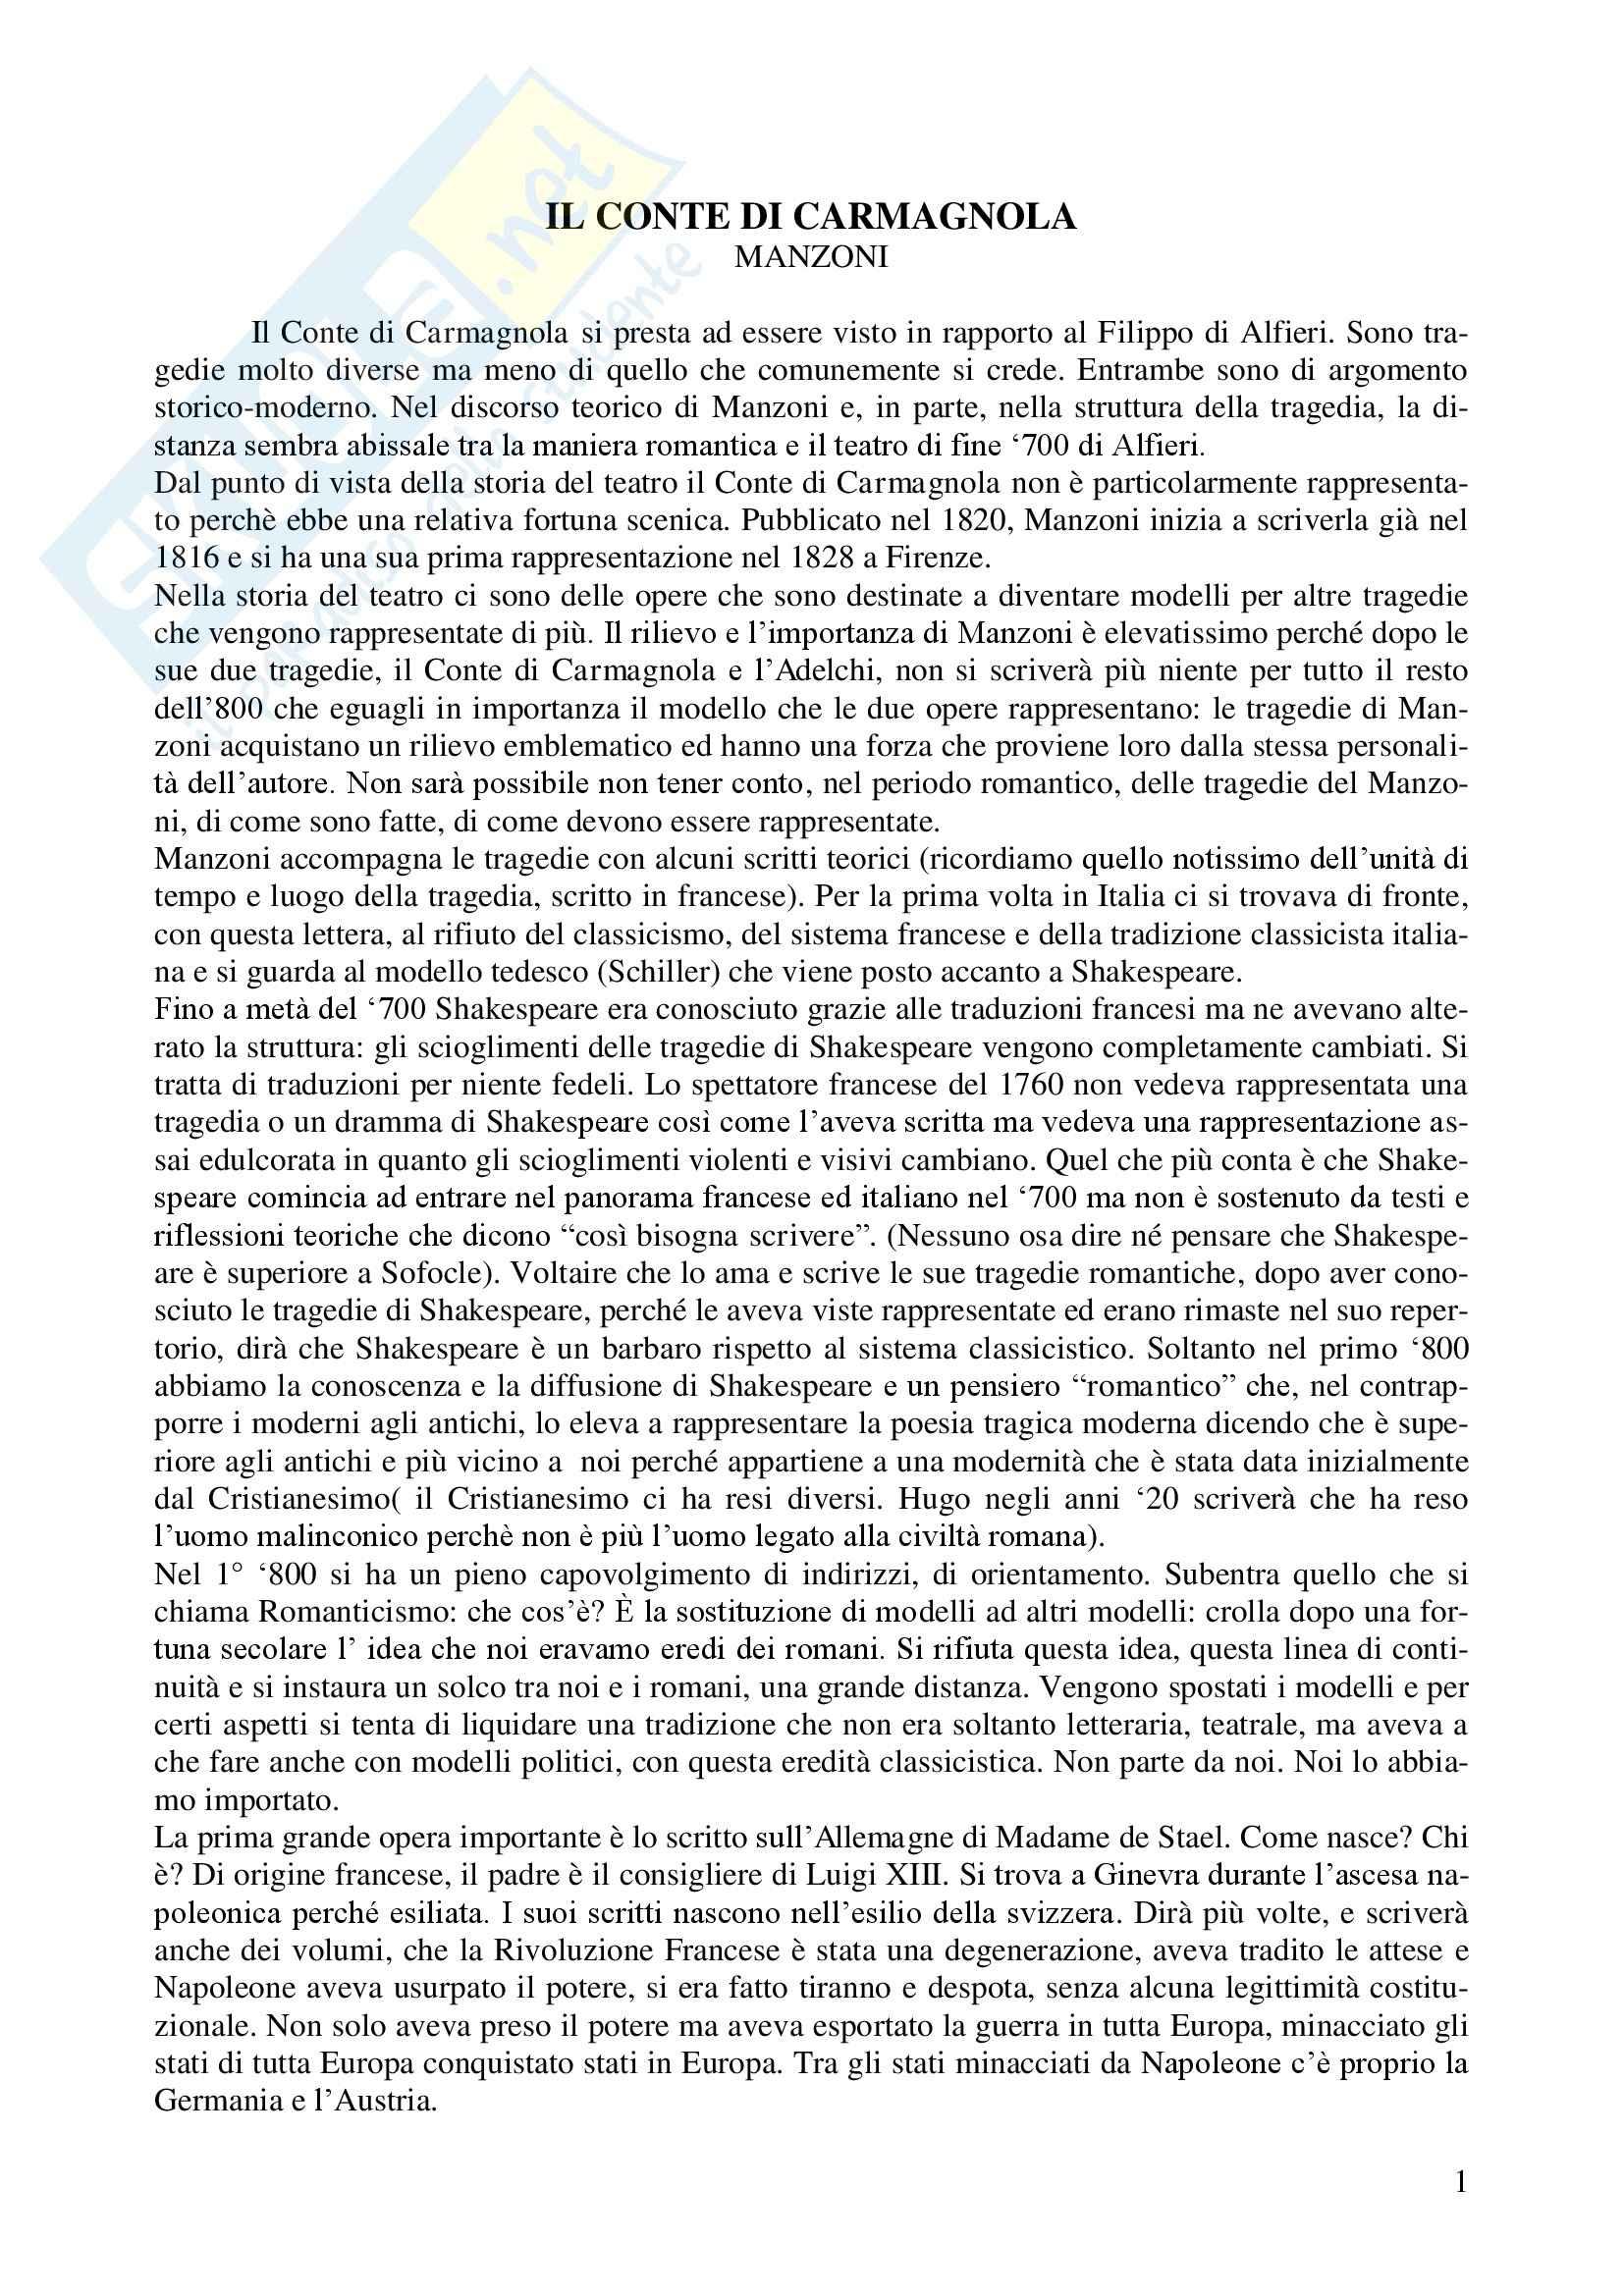 Letteratura teatrale italiana - Il conte di Carmagnola